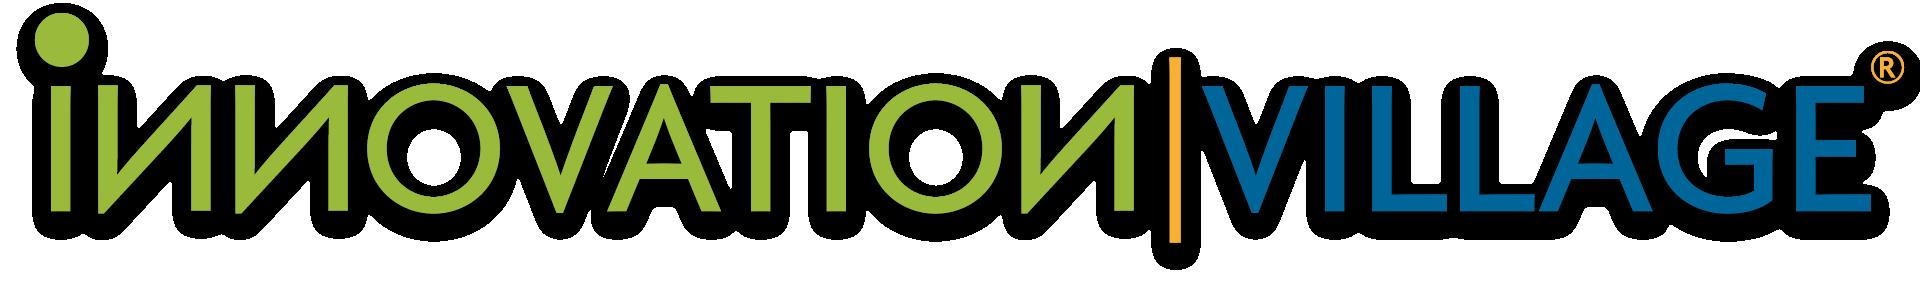 InnovationVillage